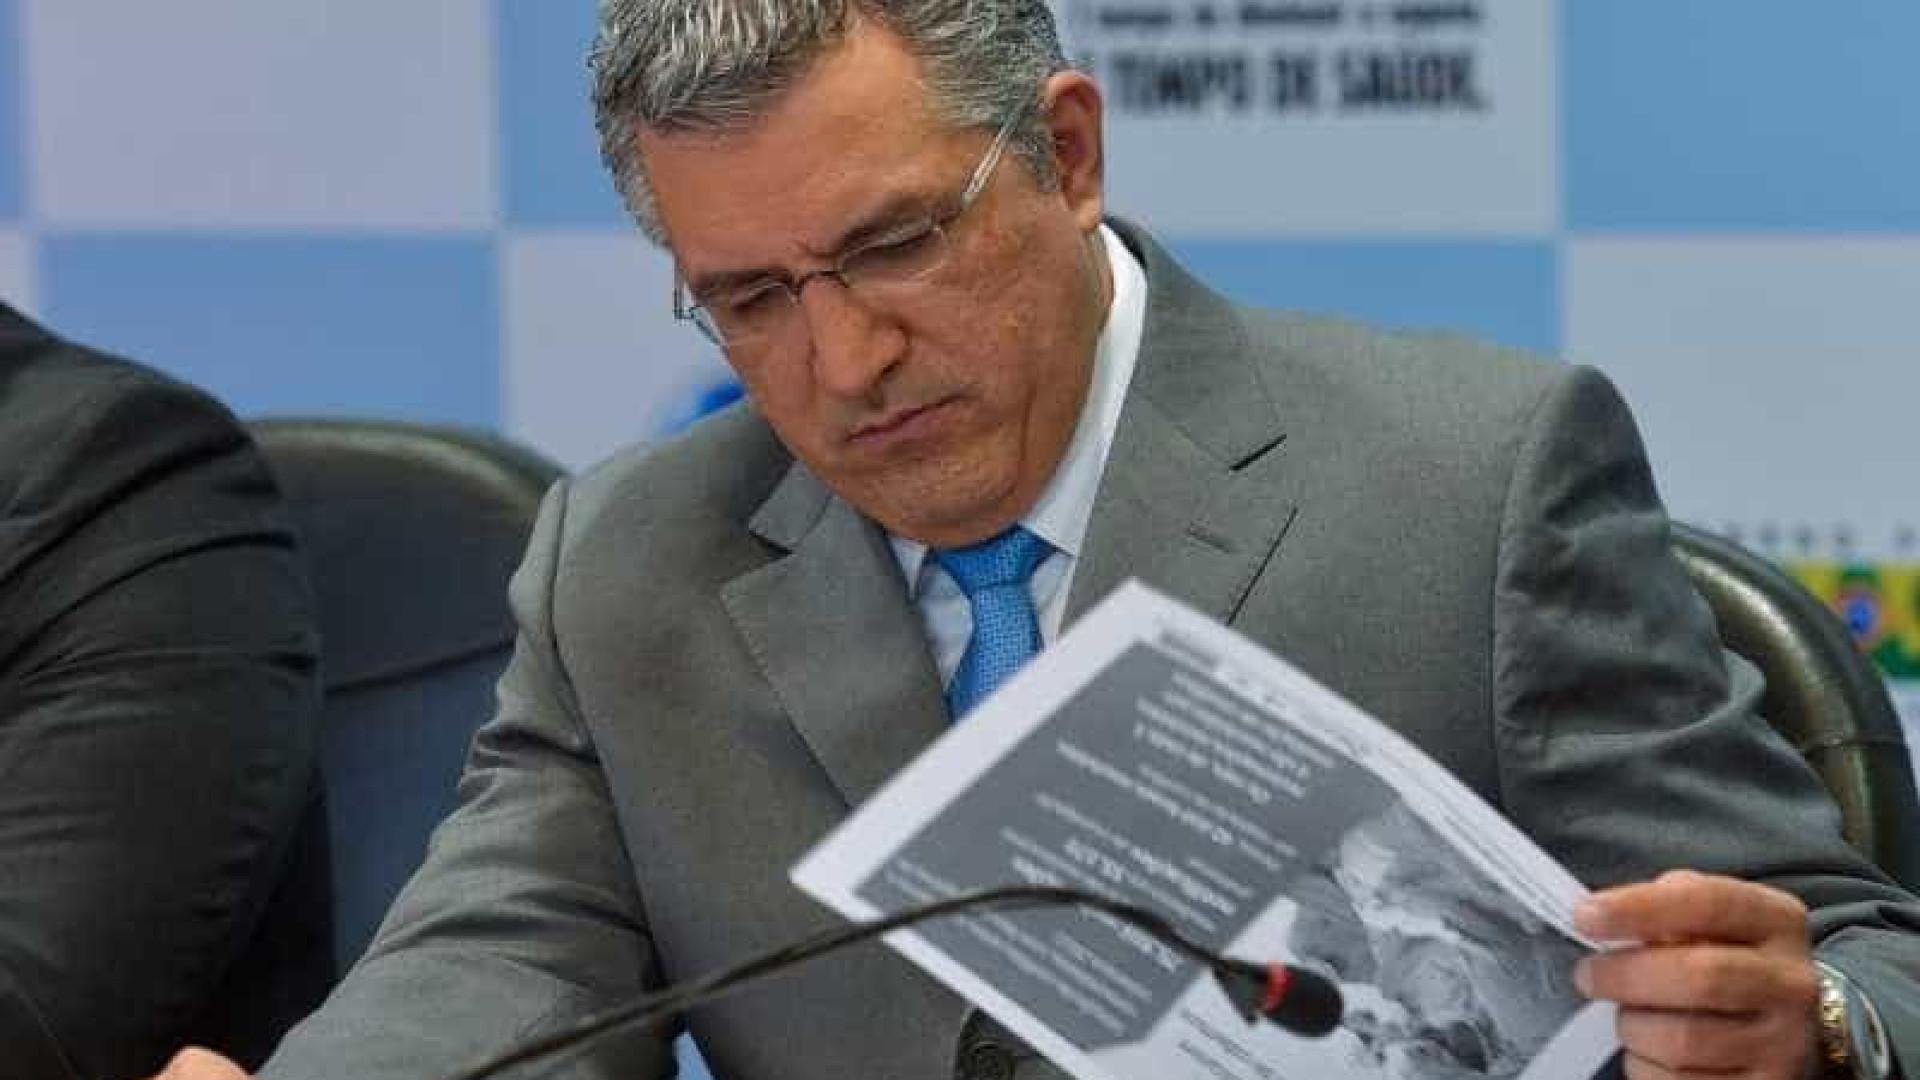 NOTÍCIA: Dilma Rousseff diz que Lula é inocente